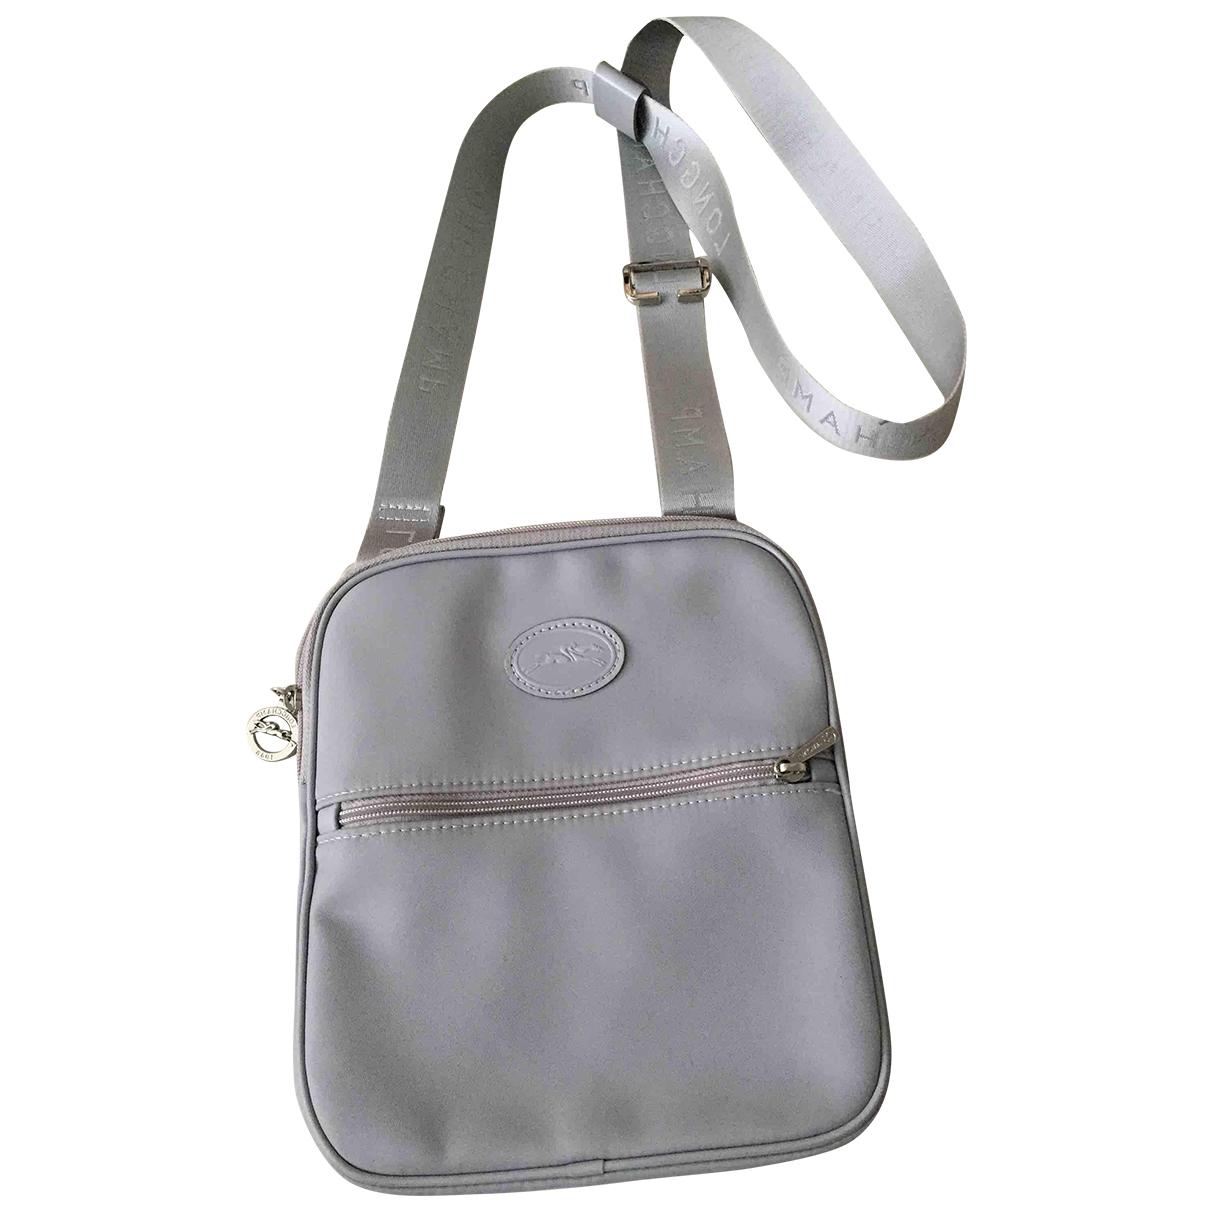 Longchamp - Sac a main   pour femme - gris